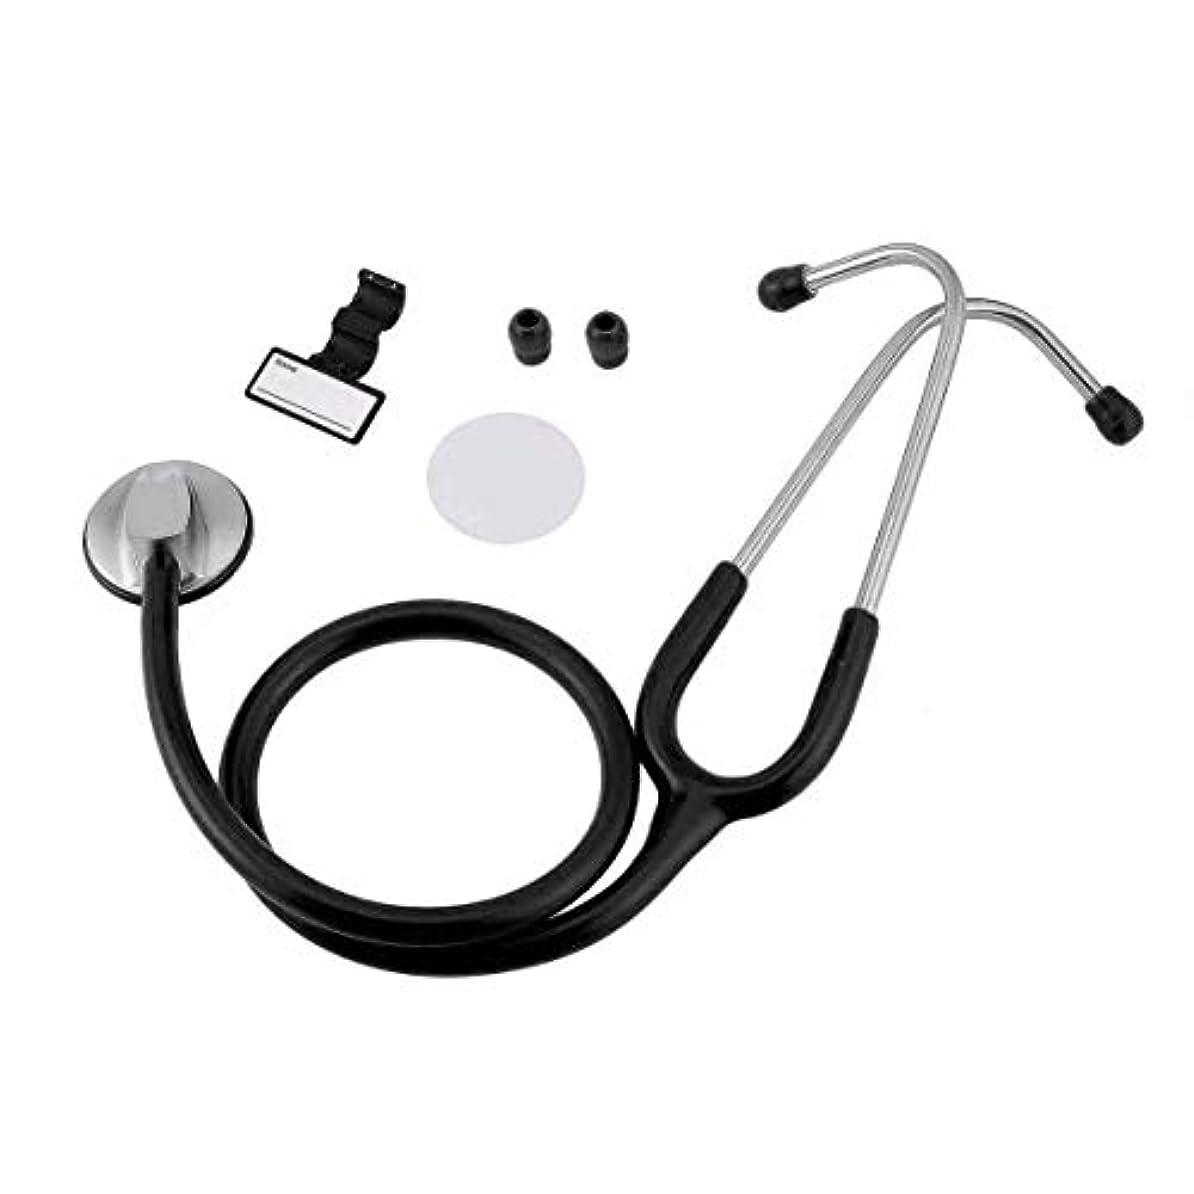 処方する欠如ペグintercorey聴診器ポータブルフラットヘッド聴診器医療聴診器用具救助妊娠赤ちゃん聴診器医師医療ヘルスケア